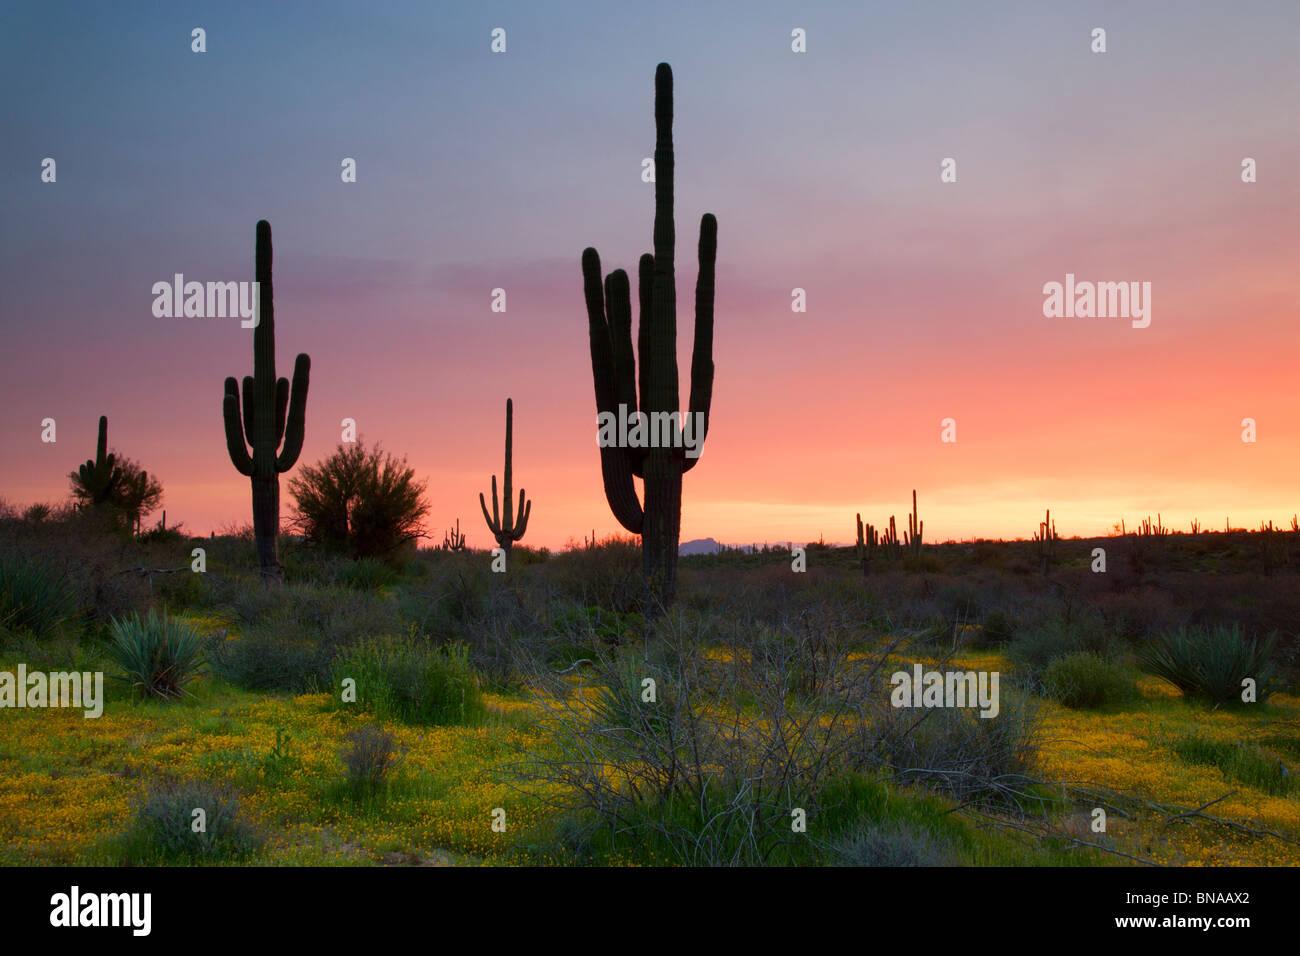 Tonto National Forest östlich von Phoenix, Arizona. Stockbild